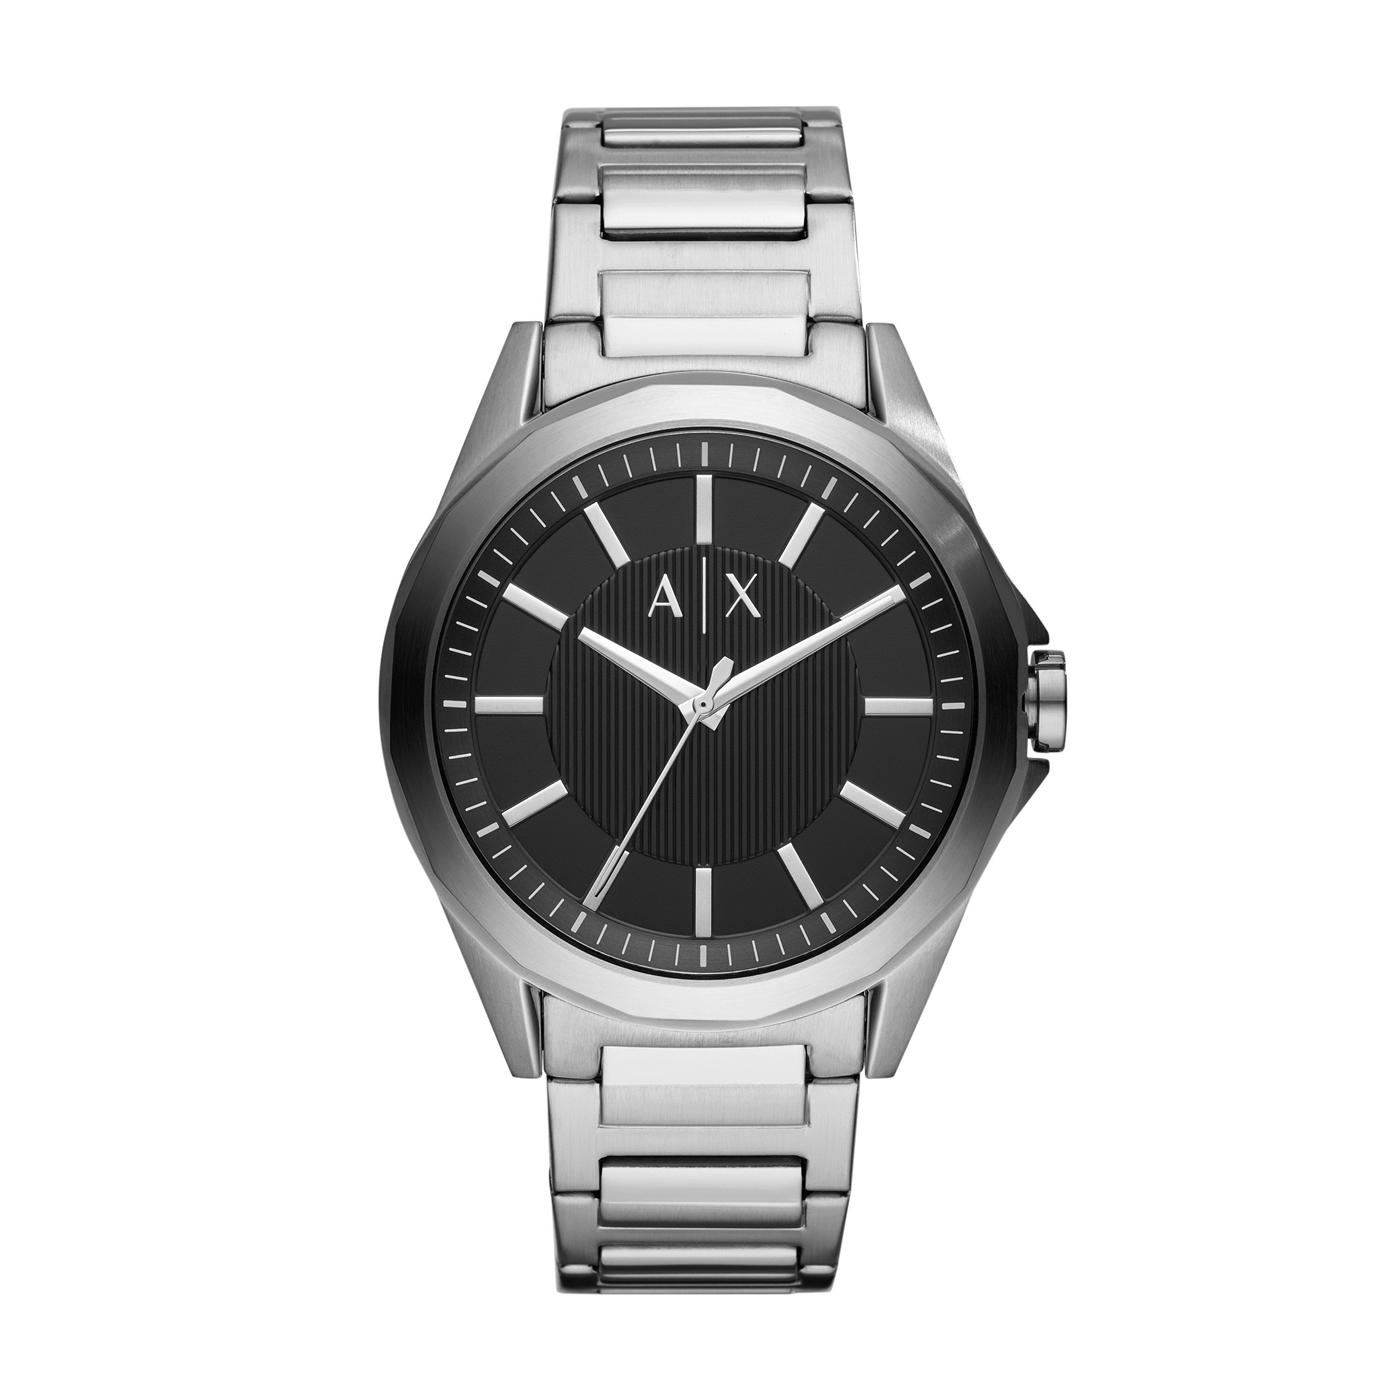 Afbeelding van Armani Exchange Drexler horloge AX2618